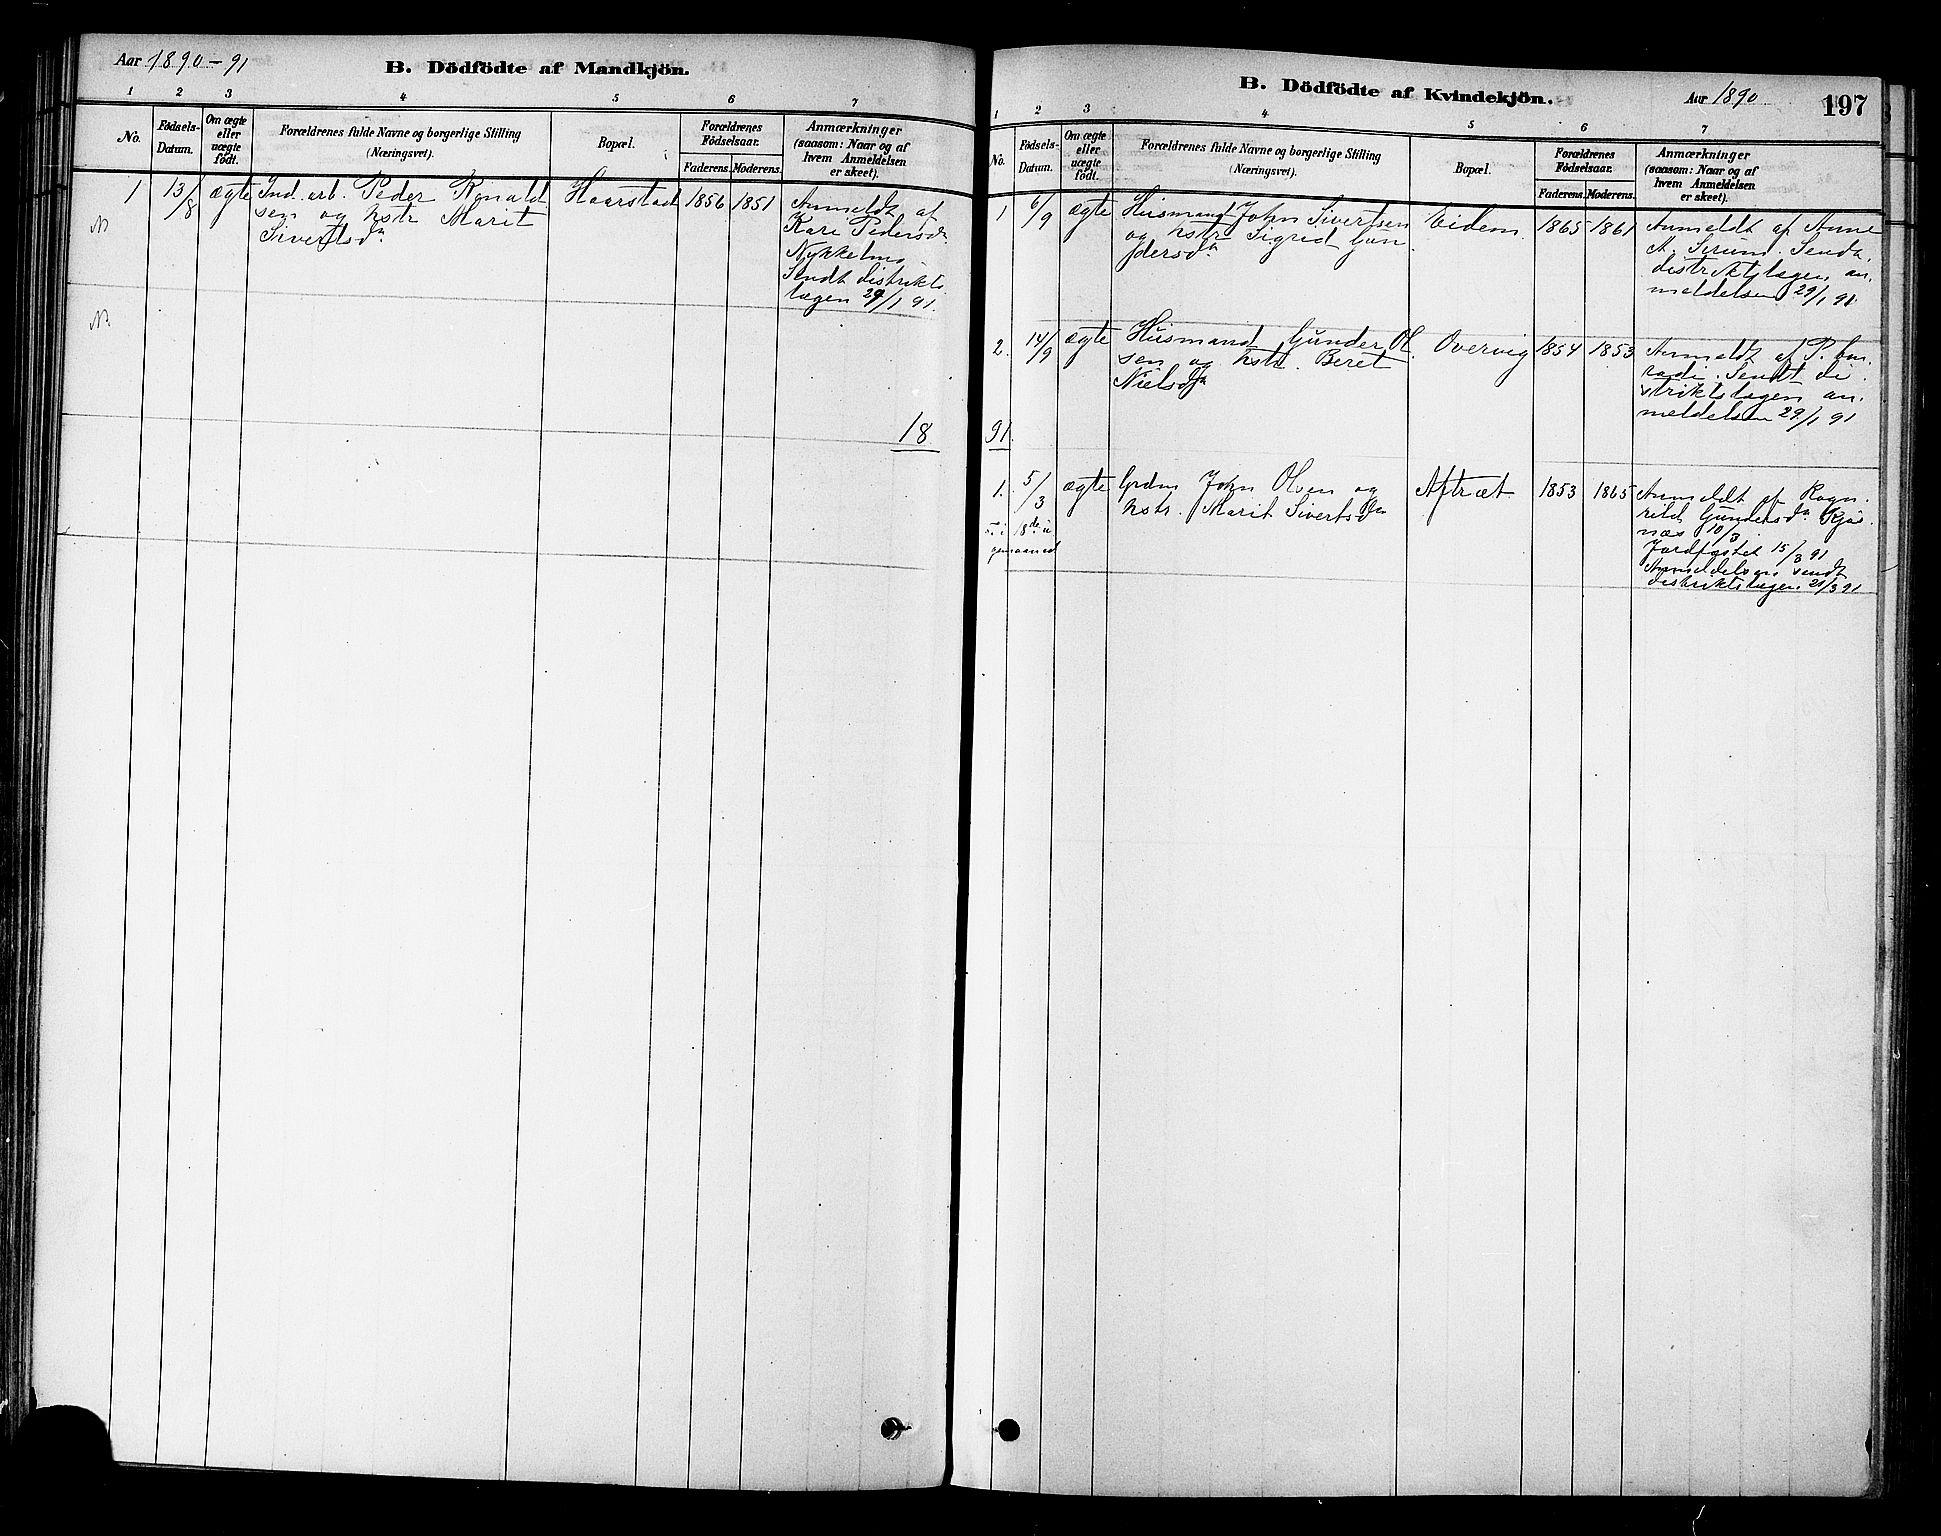 SAT, Ministerialprotokoller, klokkerbøker og fødselsregistre - Sør-Trøndelag, 695/L1148: Ministerialbok nr. 695A08, 1878-1891, s. 197